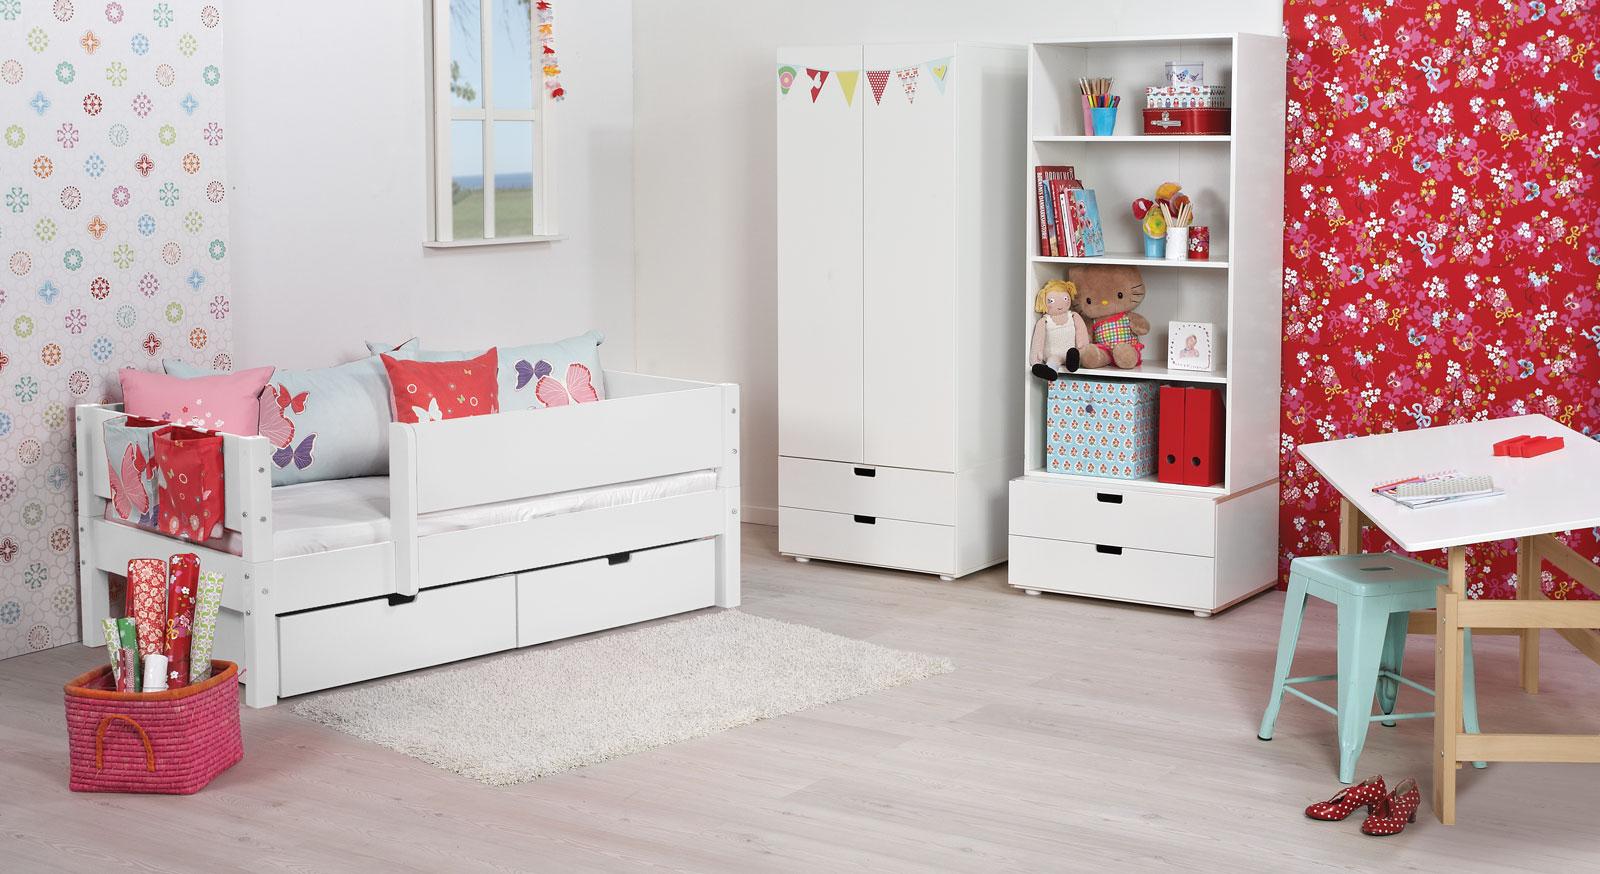 Passende Produkte zu den Kindermöbel Kids Town